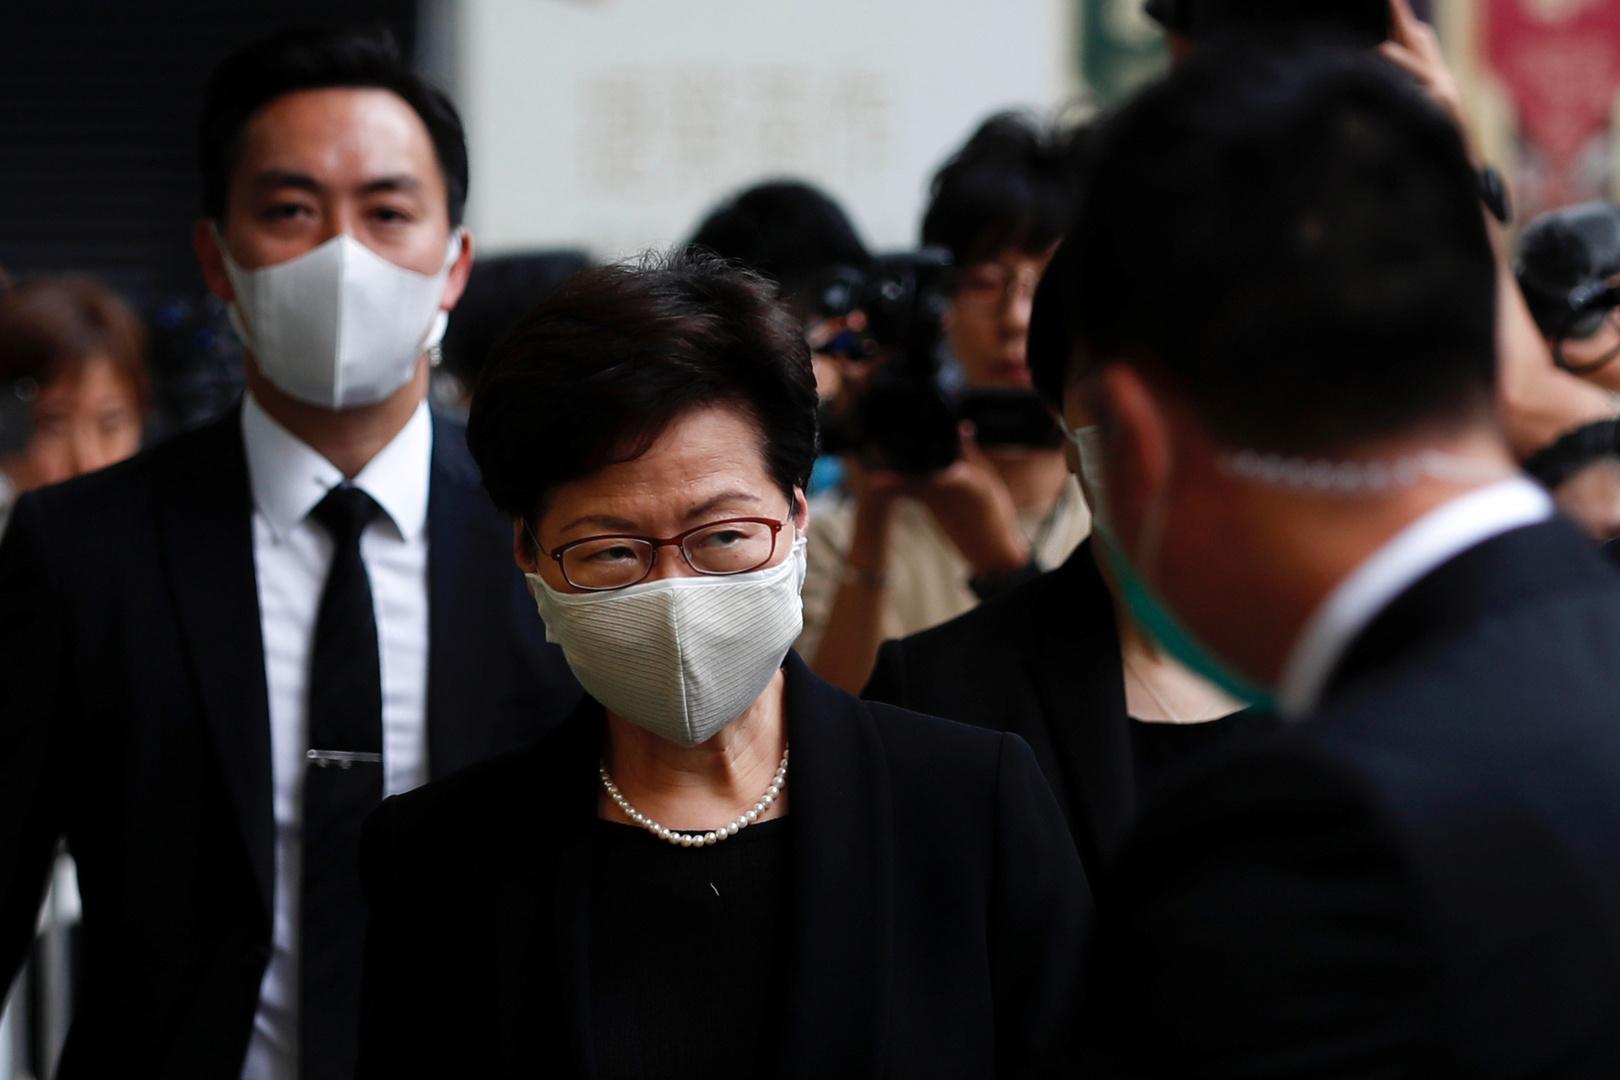 بينهم رئيسة الحكومة المحلية.. عقوبات أمريكية تطال مسؤولين صينيين في هونغ كونغ